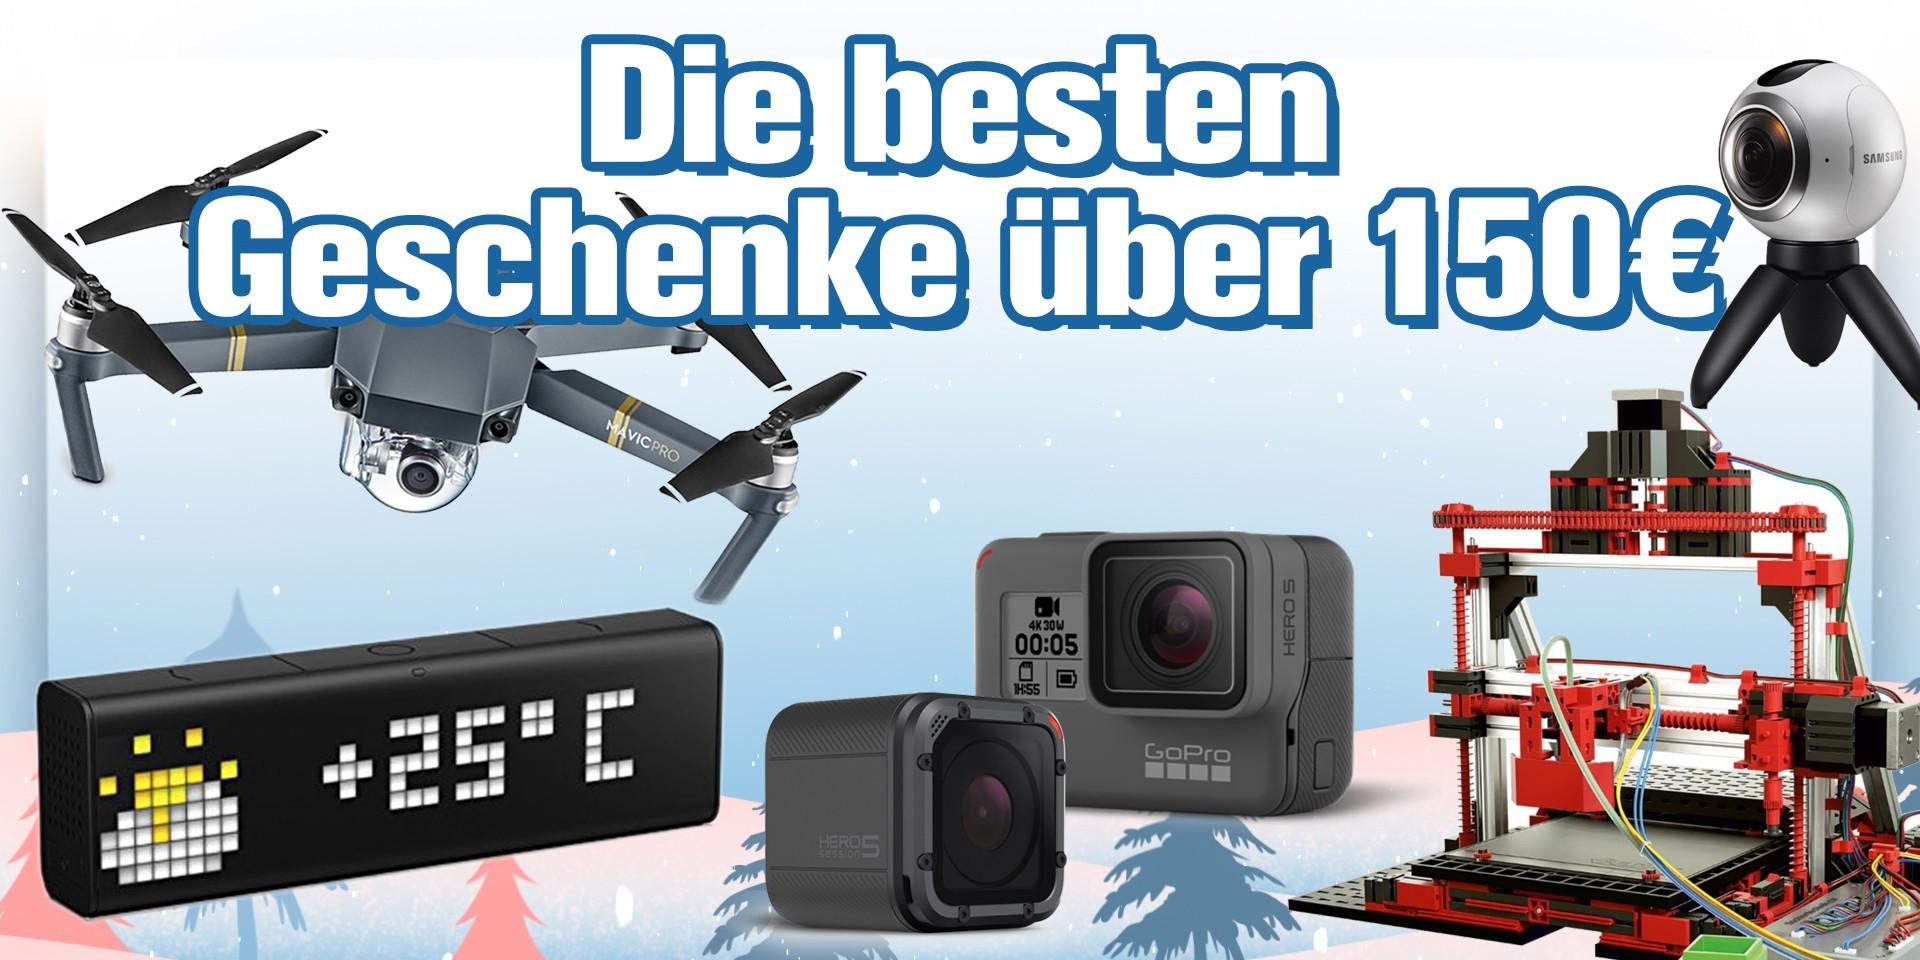 Die Besten Geschenke  Die besten Technik Geschenke über 150 Euro PC WELT